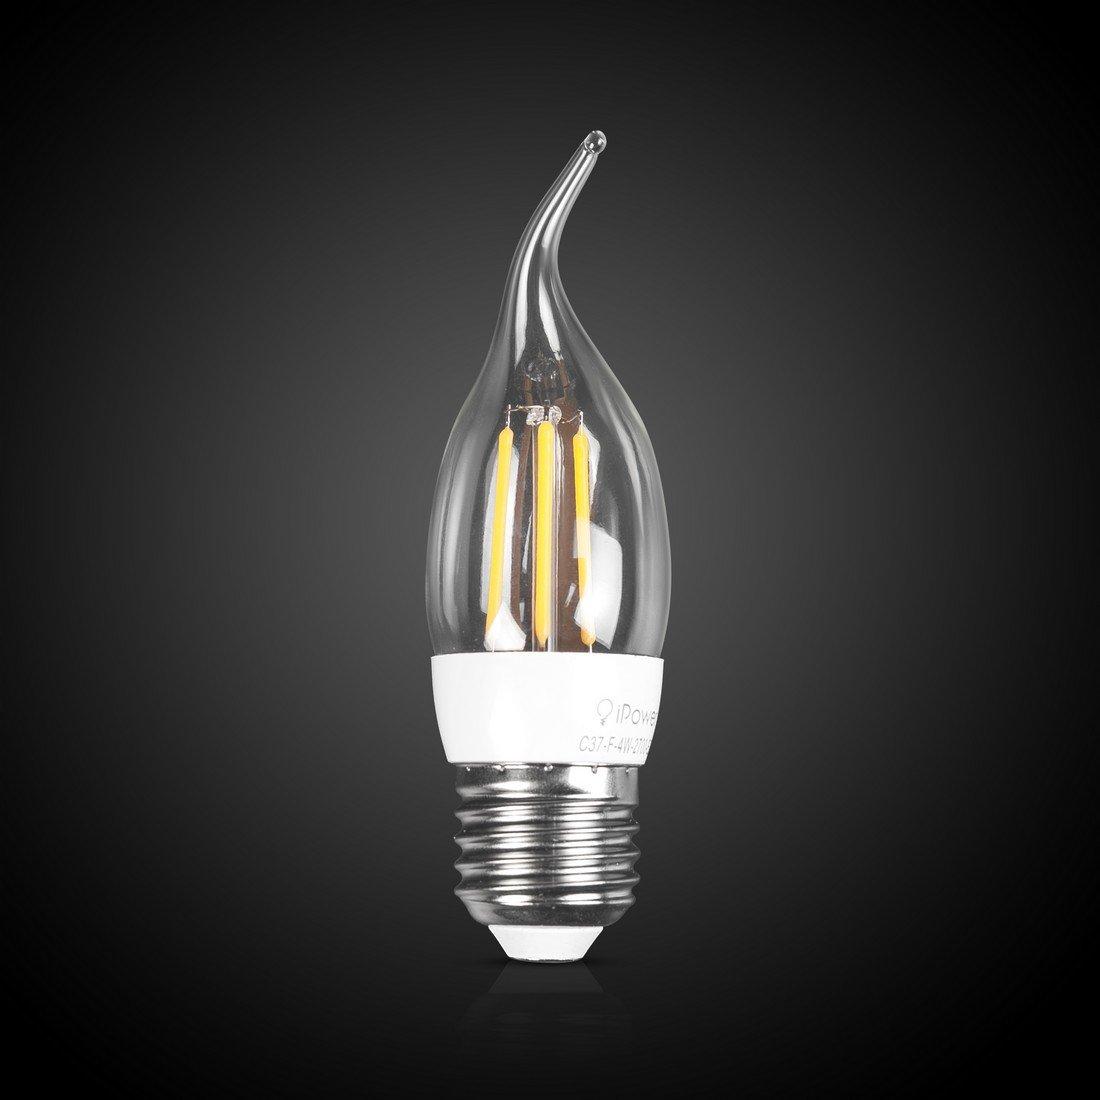 LED Лампа iPower Filament C37-F-4W-2700-E27